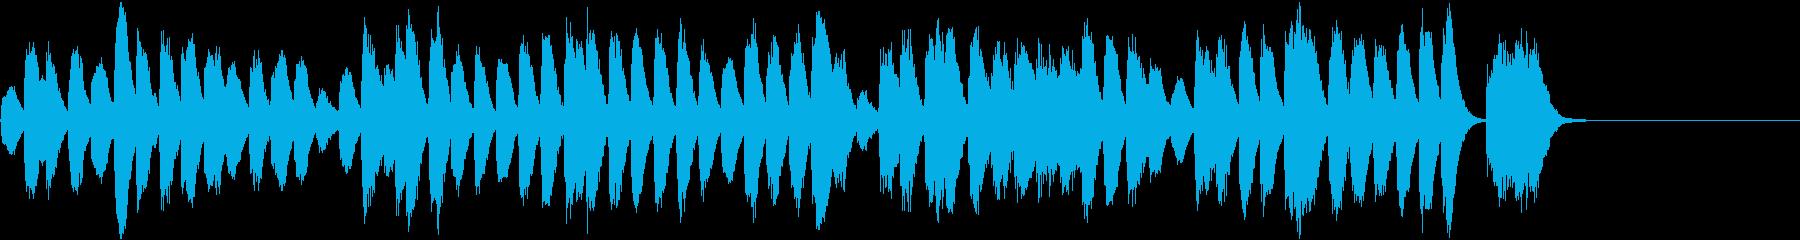 冬向けほのぼのコミカルなピアノBGMの再生済みの波形